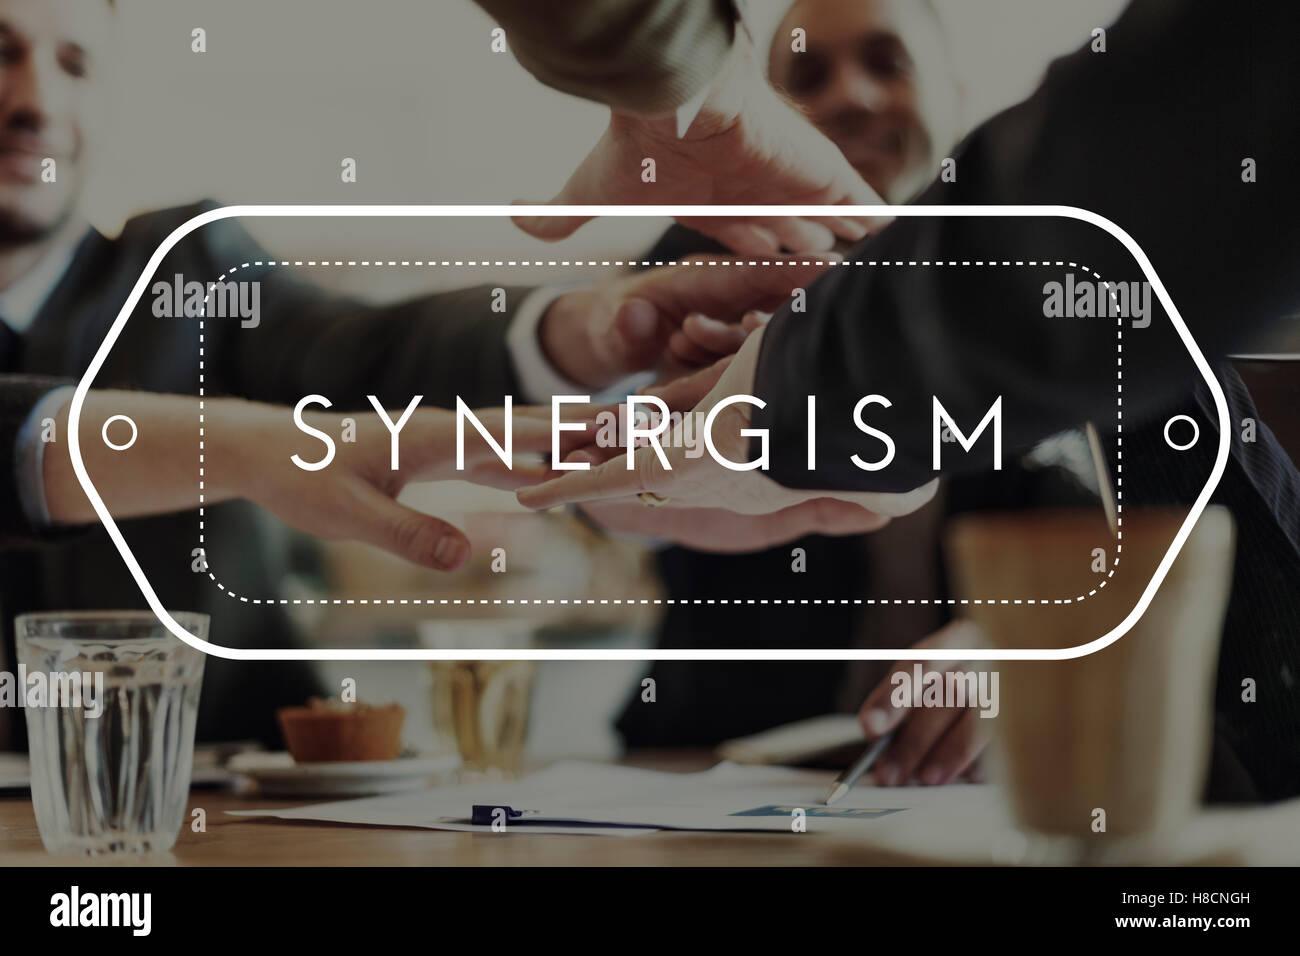 Synergie synergie de coopération Concept L'unité d'Interaction Photo Stock